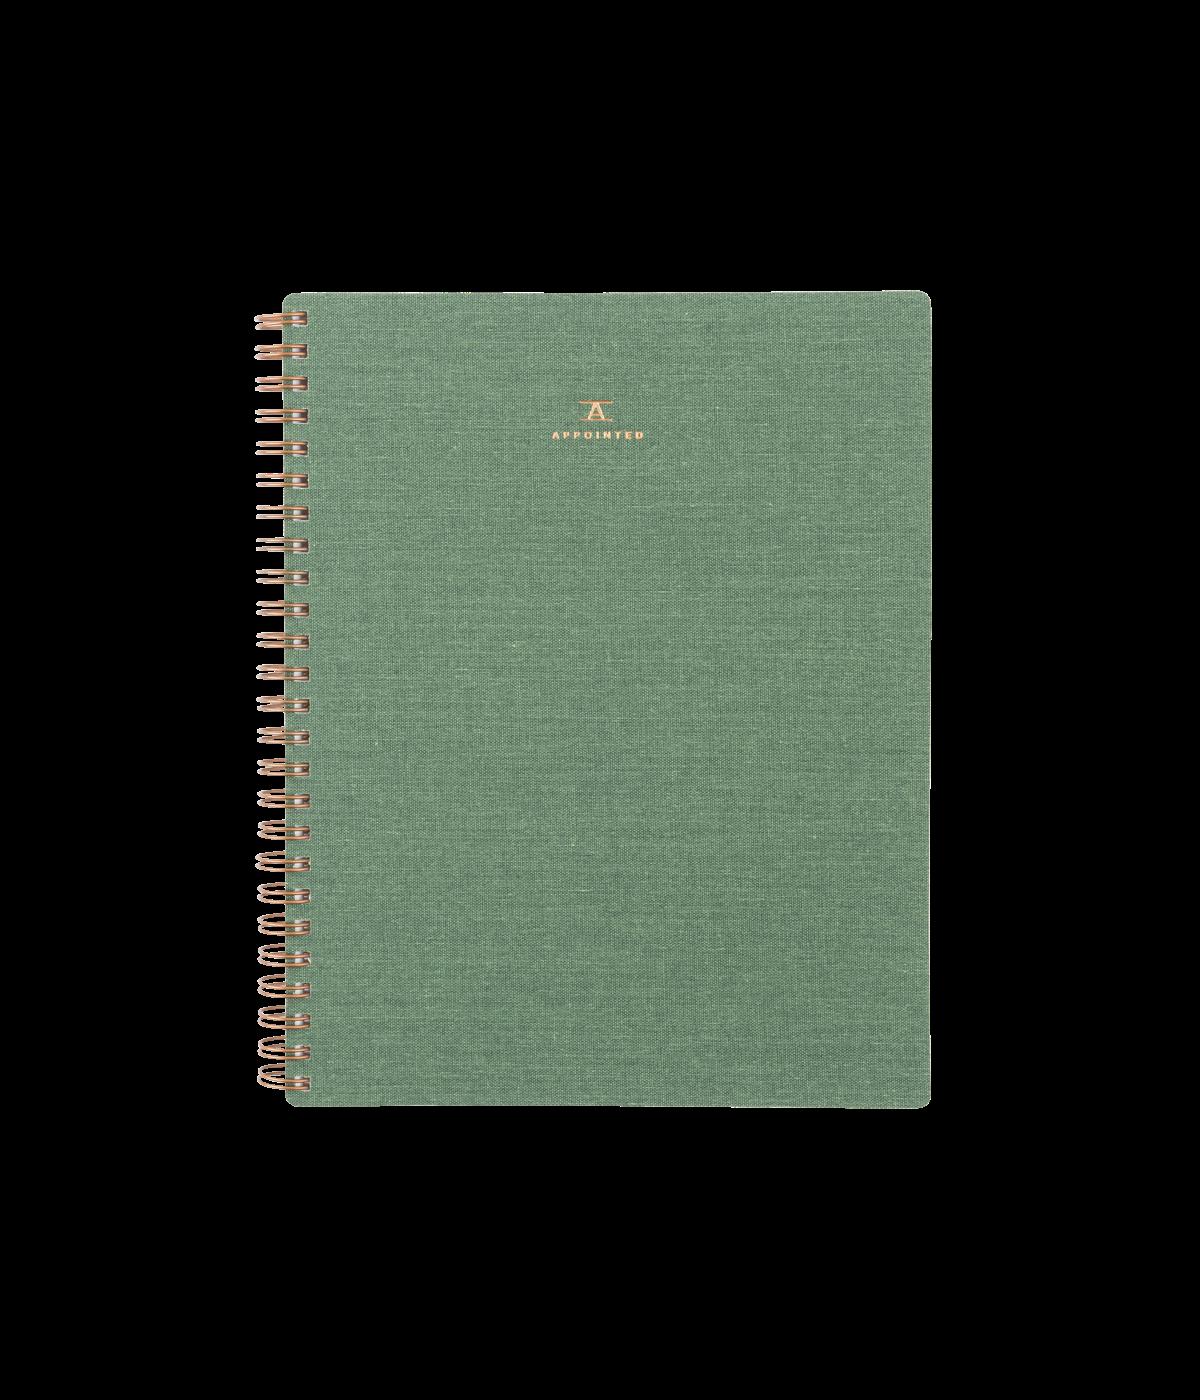 2021 kalenderbok